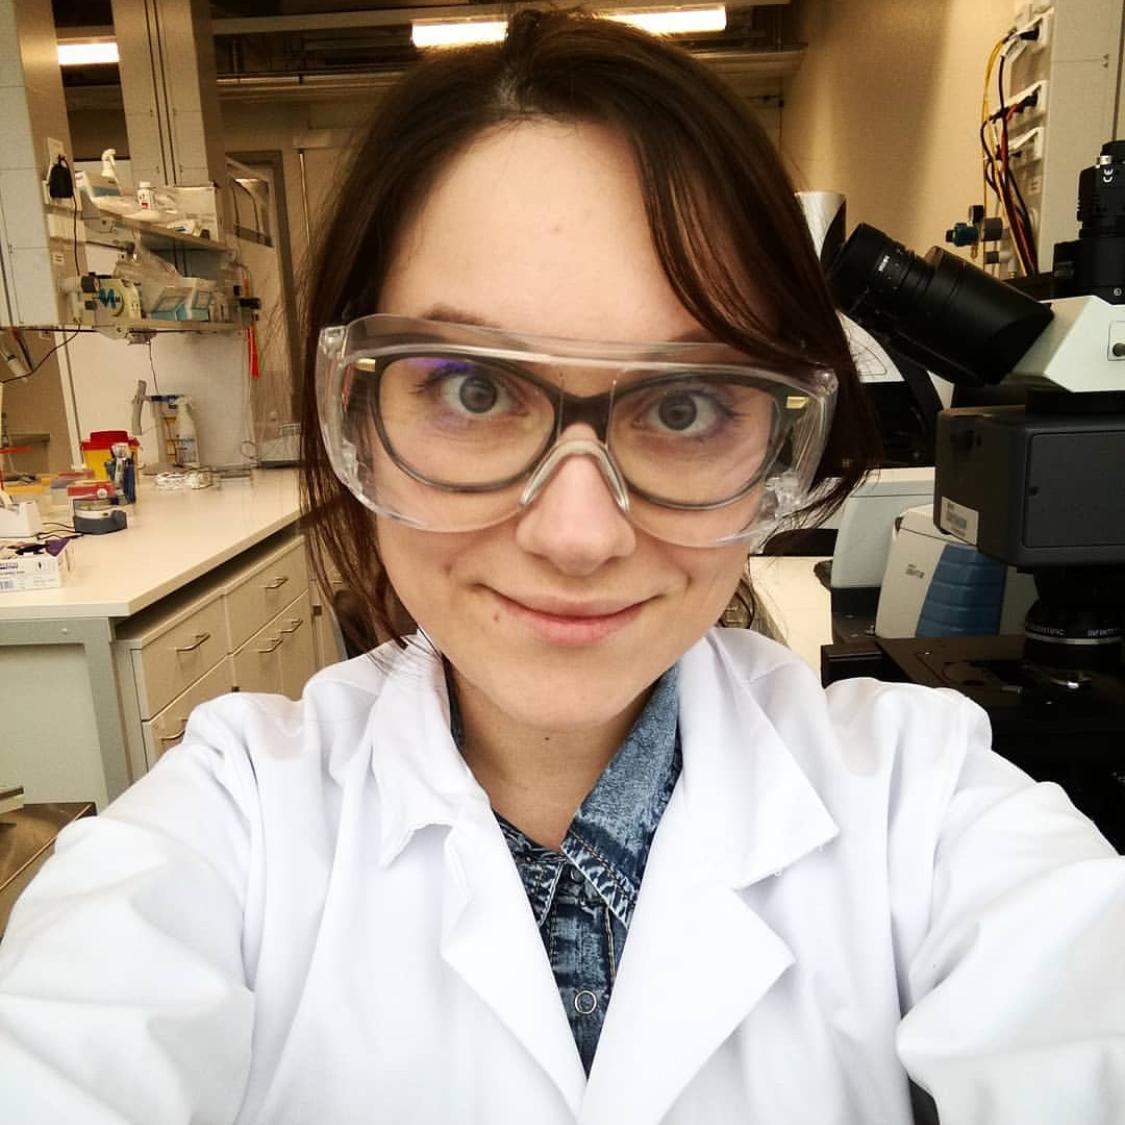 Martina Ribar Hestericova  @science_exercises.eu Specialty: Math/Physics/Chemistry